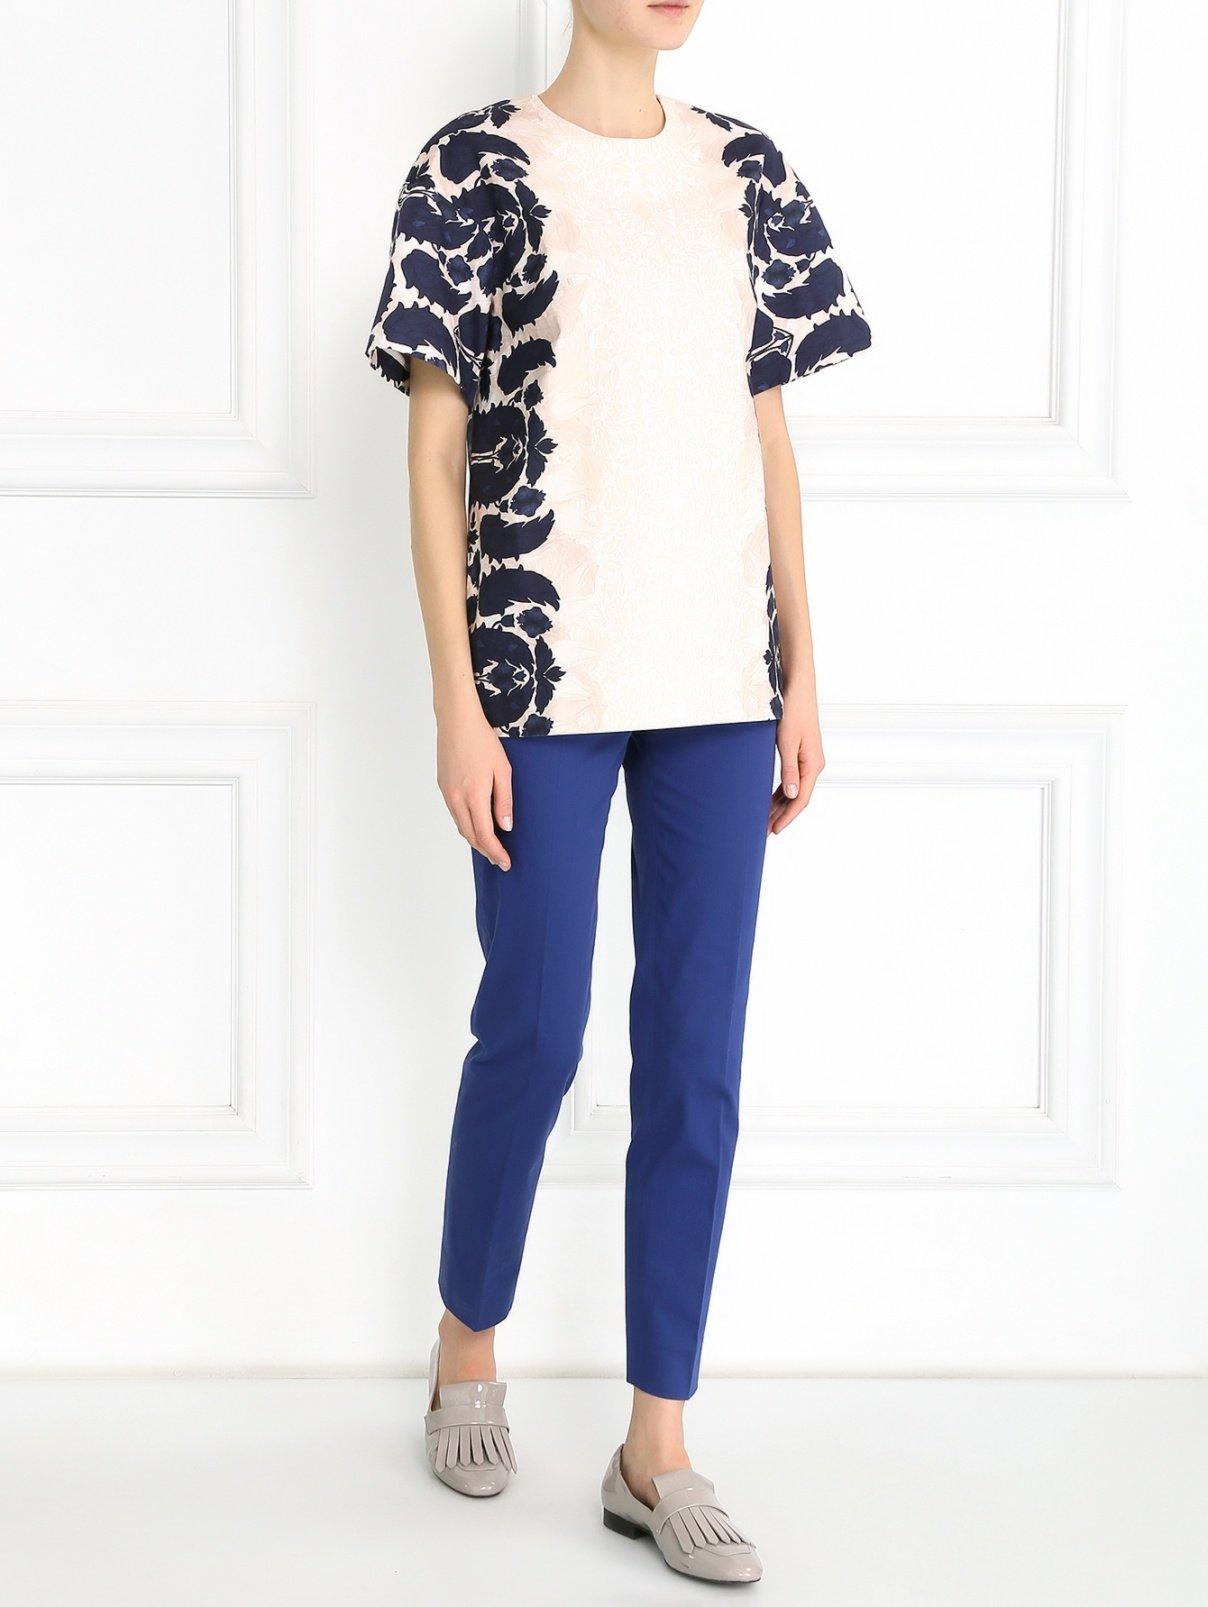 Блуза из хлопка с коротким рукавом Mother of Pearl  –  Модель Общий вид  – Цвет:  Узор